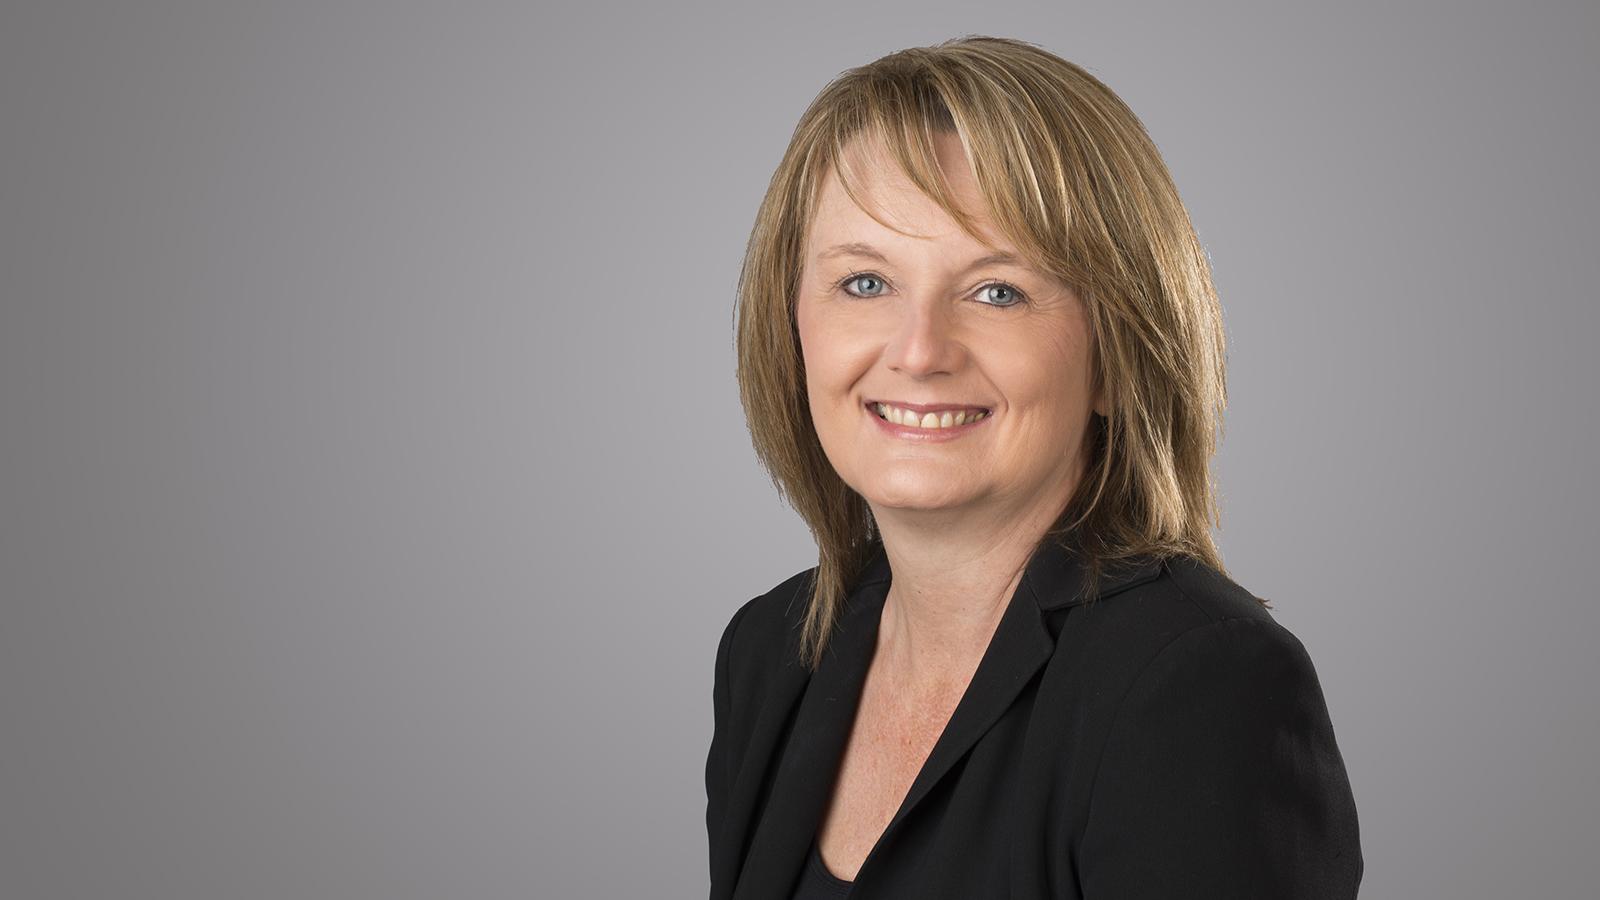 Kristy Weissling